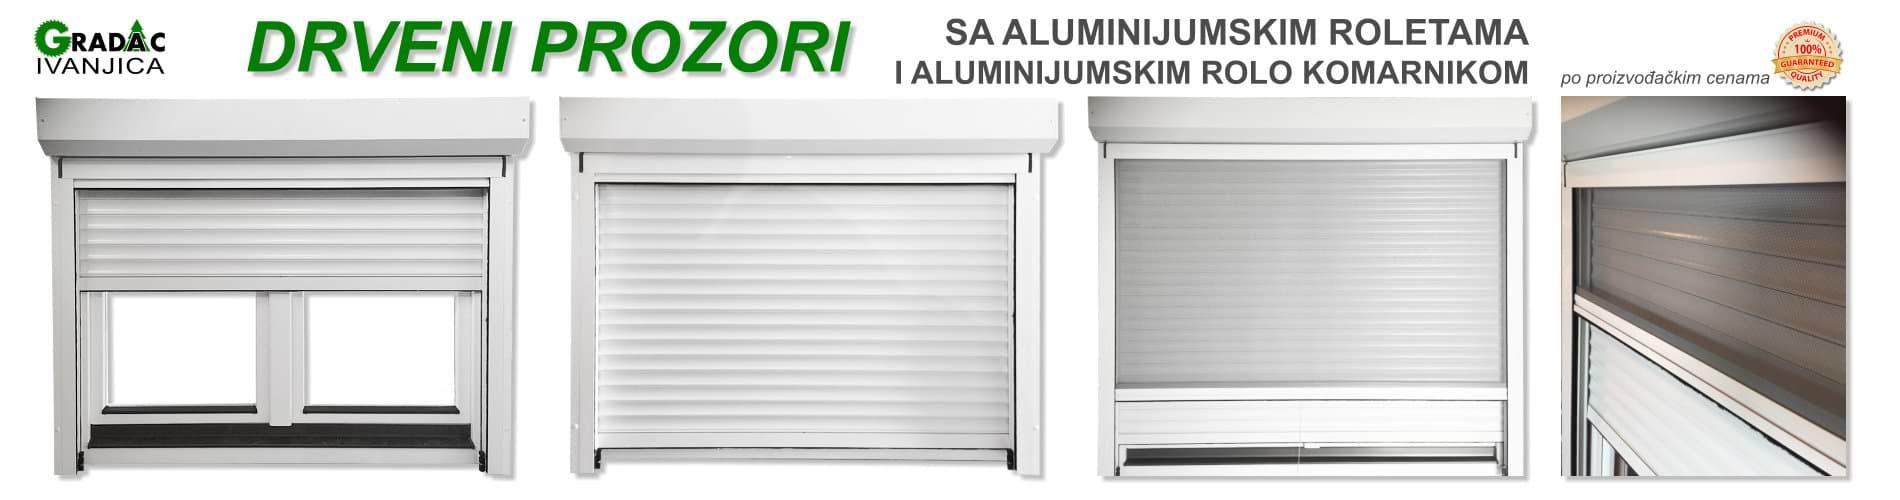 Drveni prozori sa aluminijumskim roletama